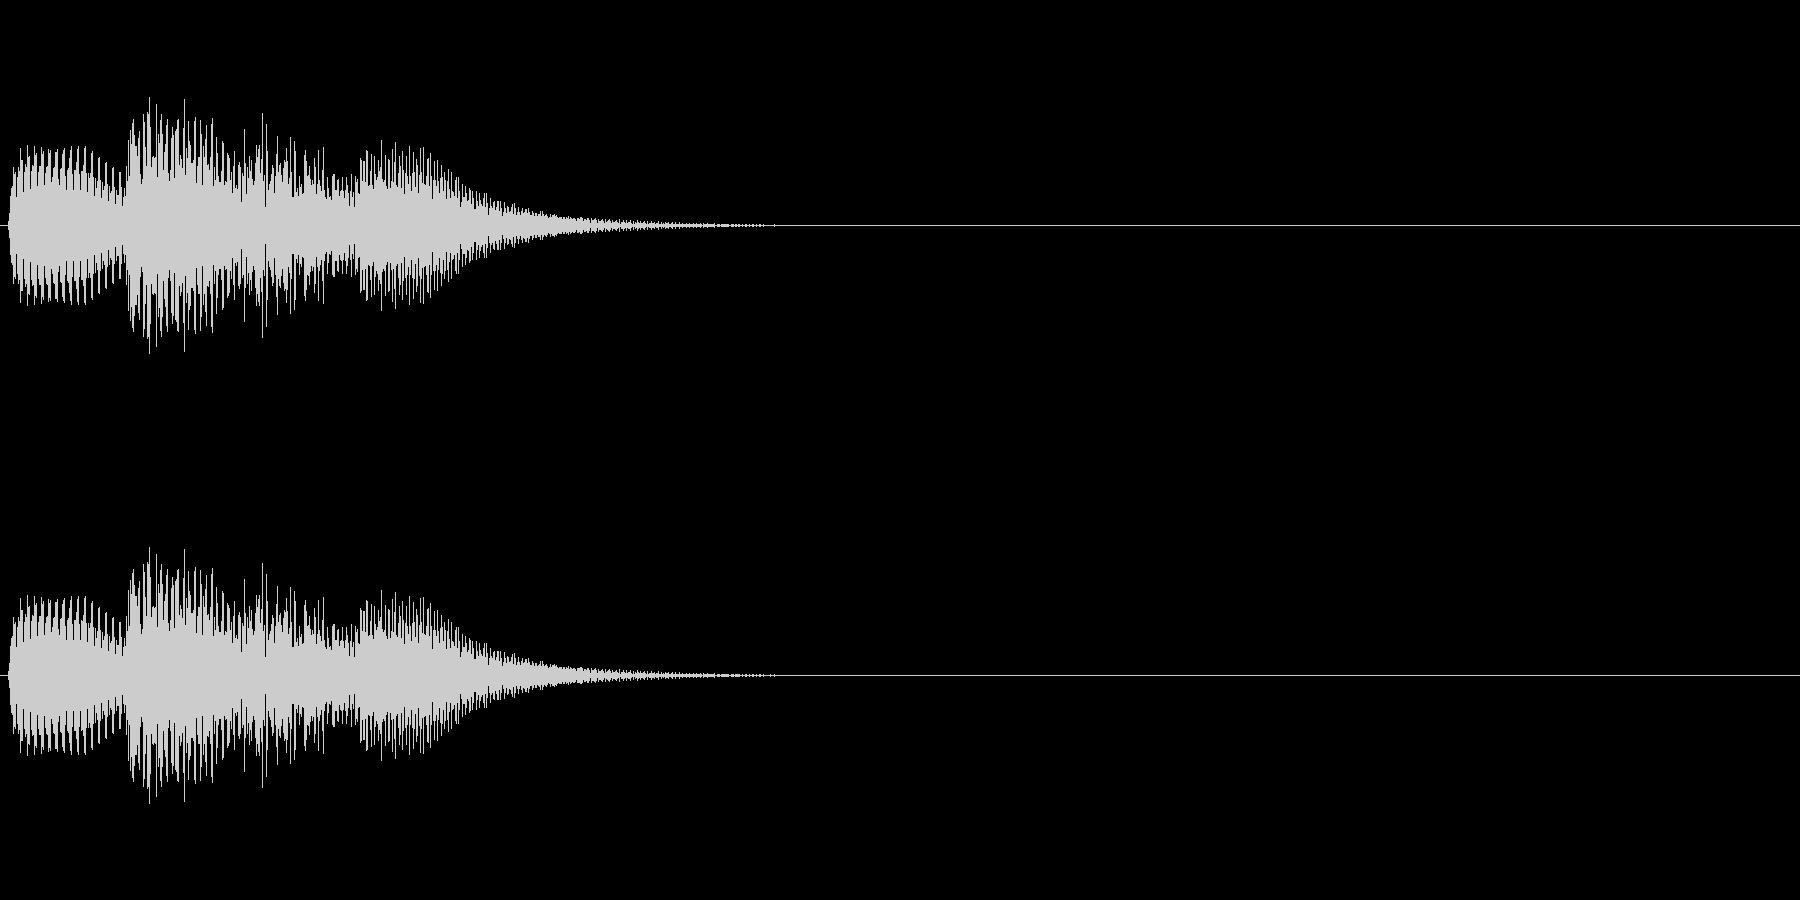 「トリリッ」 決定音 文字表示 の未再生の波形